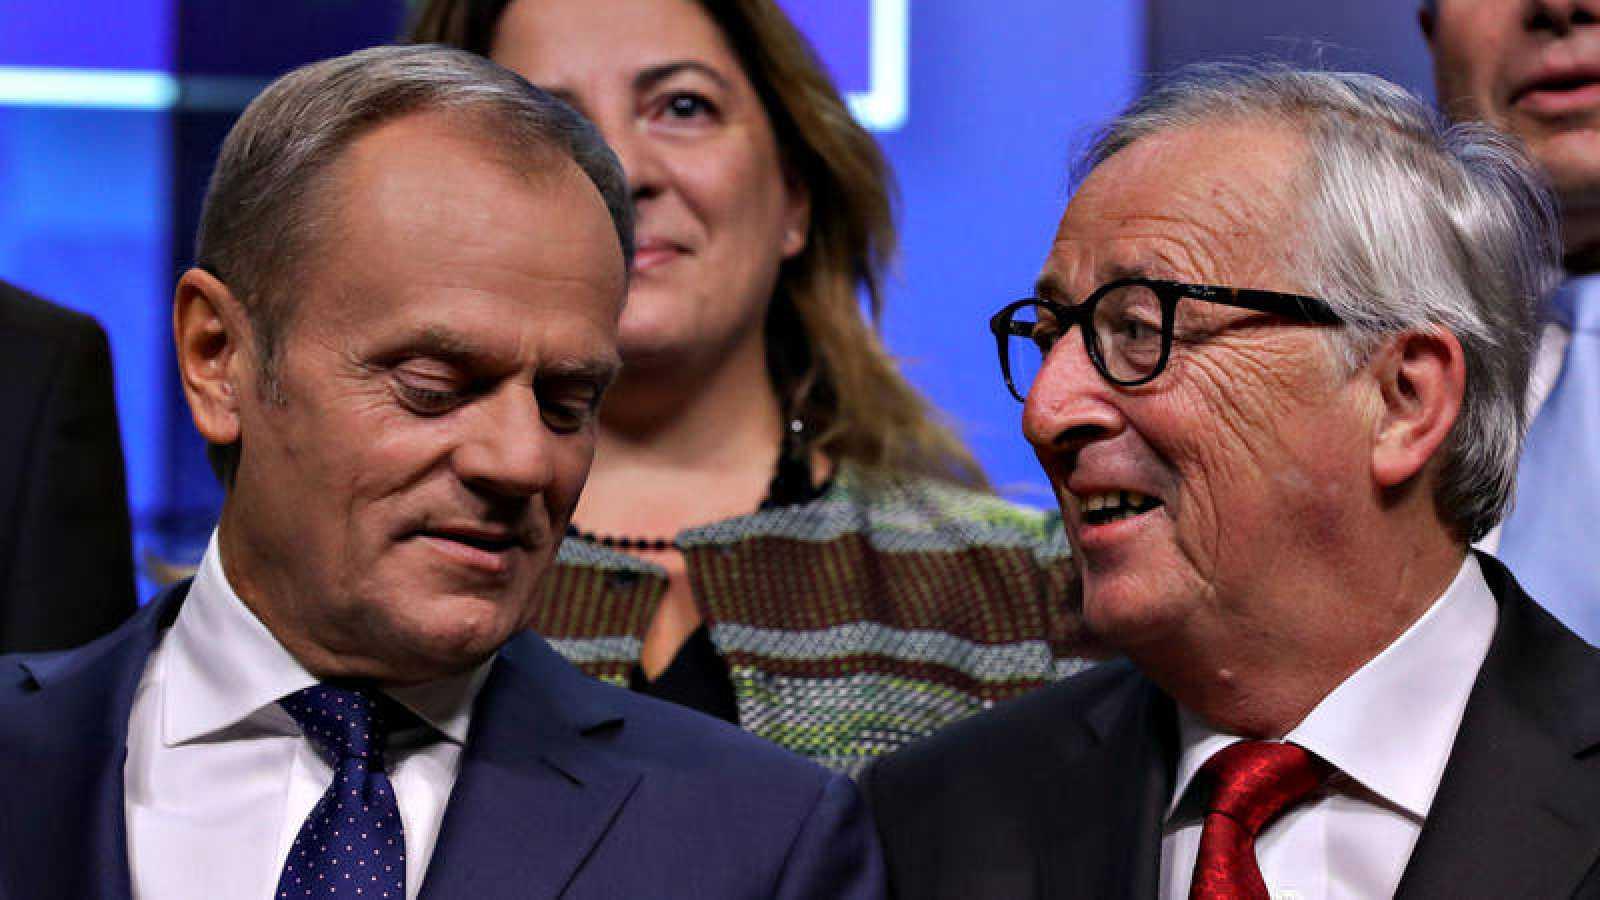 El presidente del COnsejo Europeo, Donald Tusk, en Bruselas con el presidente de la Comisión, Jean Claude Juncker